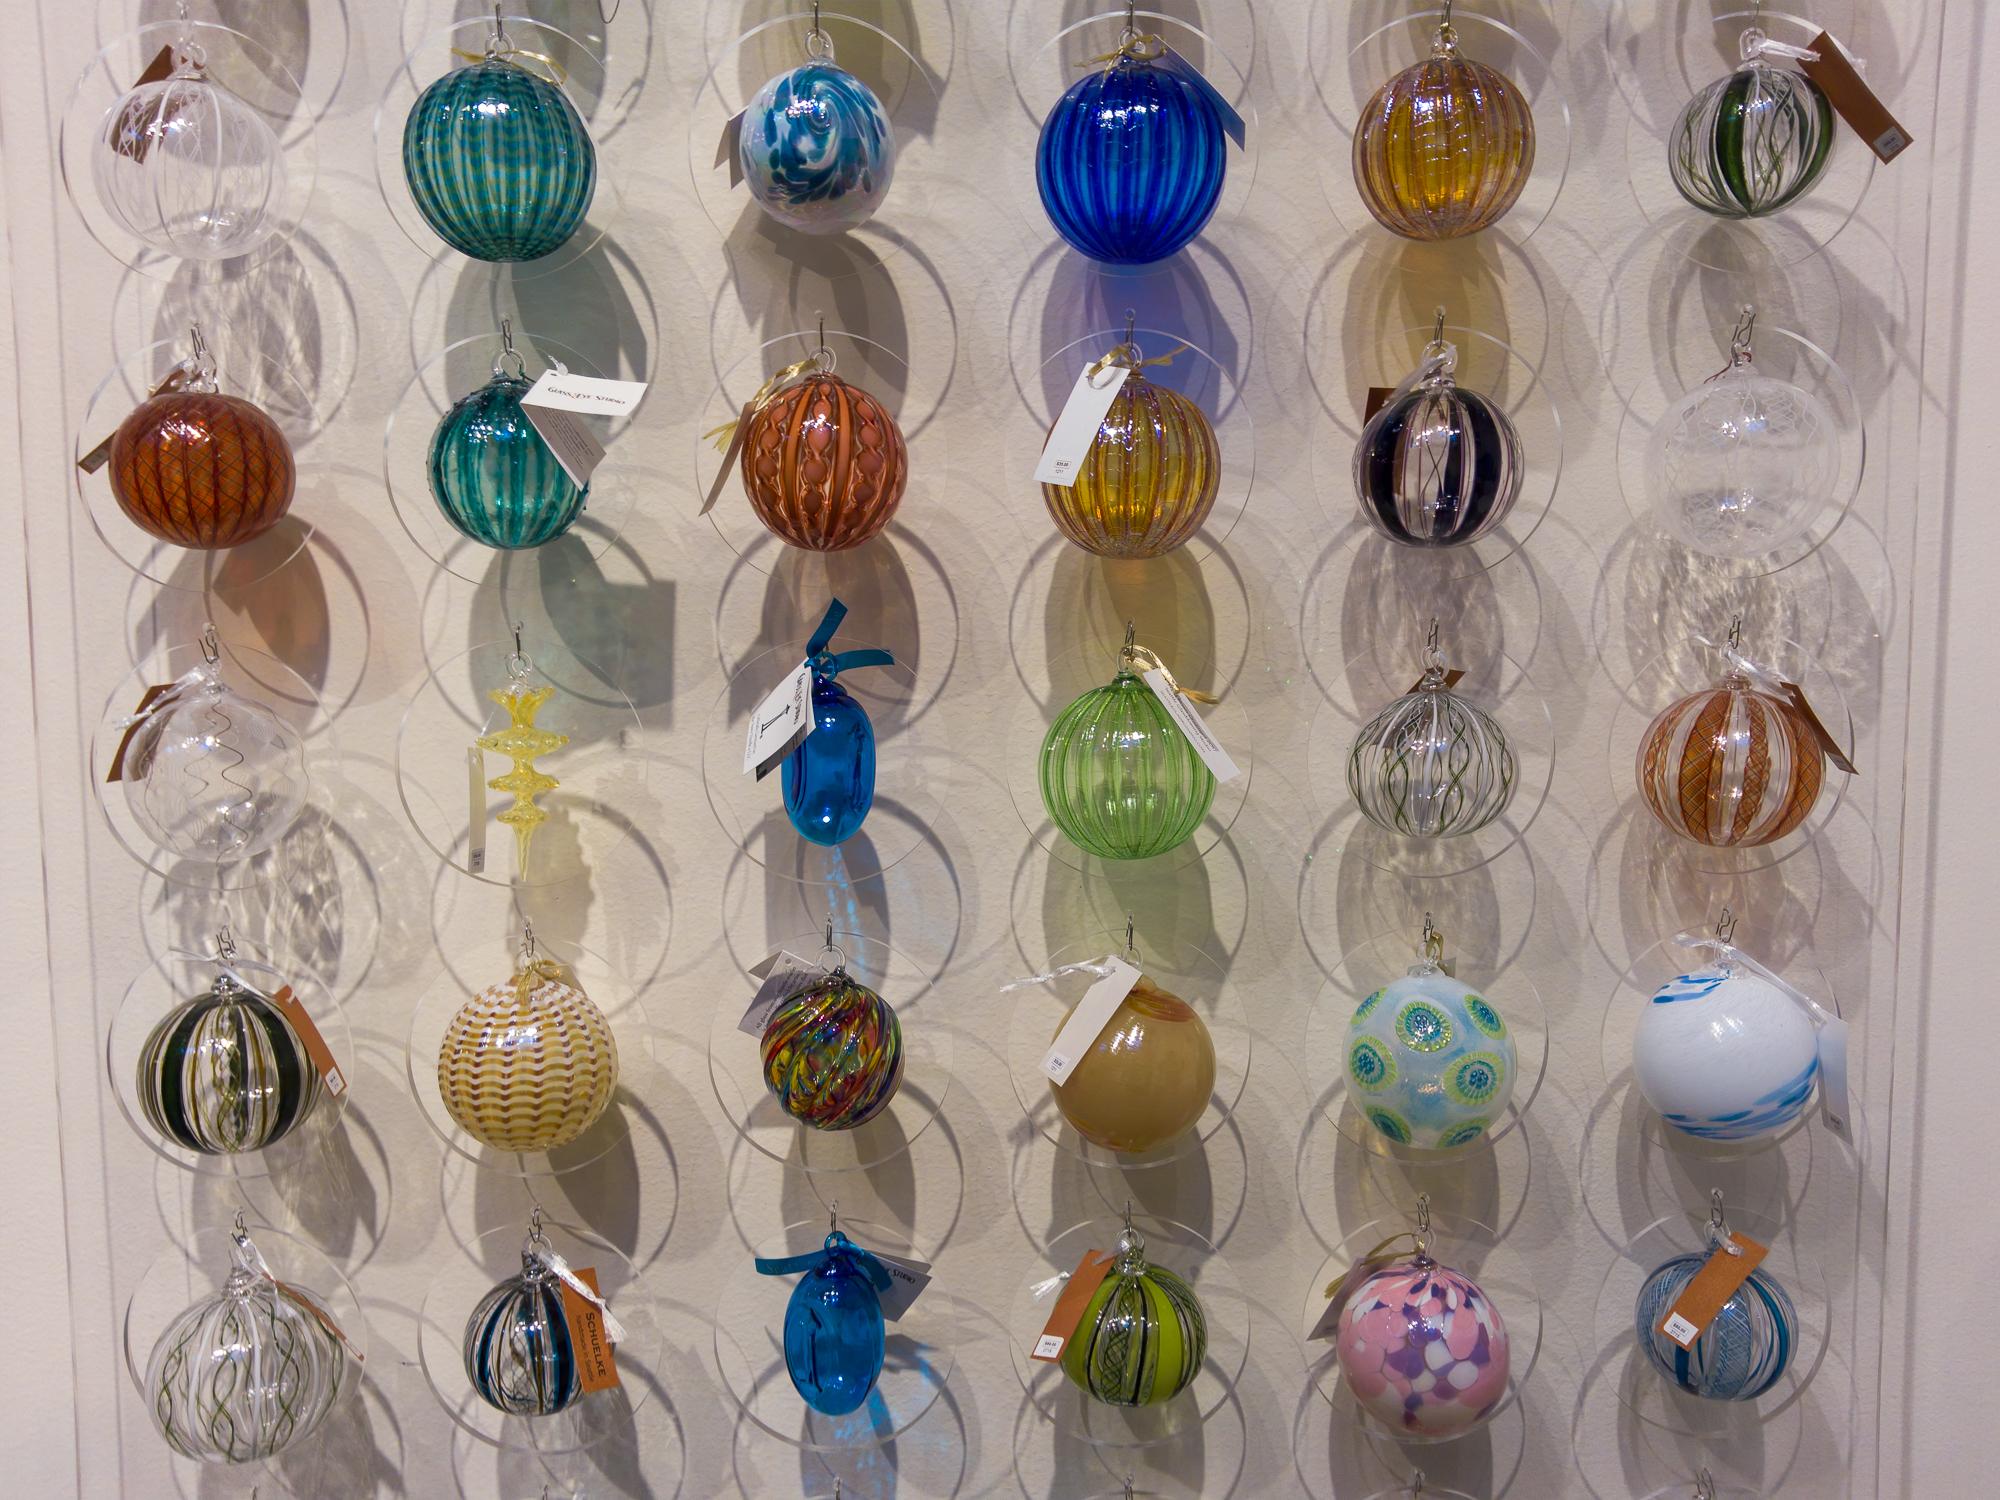 Glass Ornaments - L16